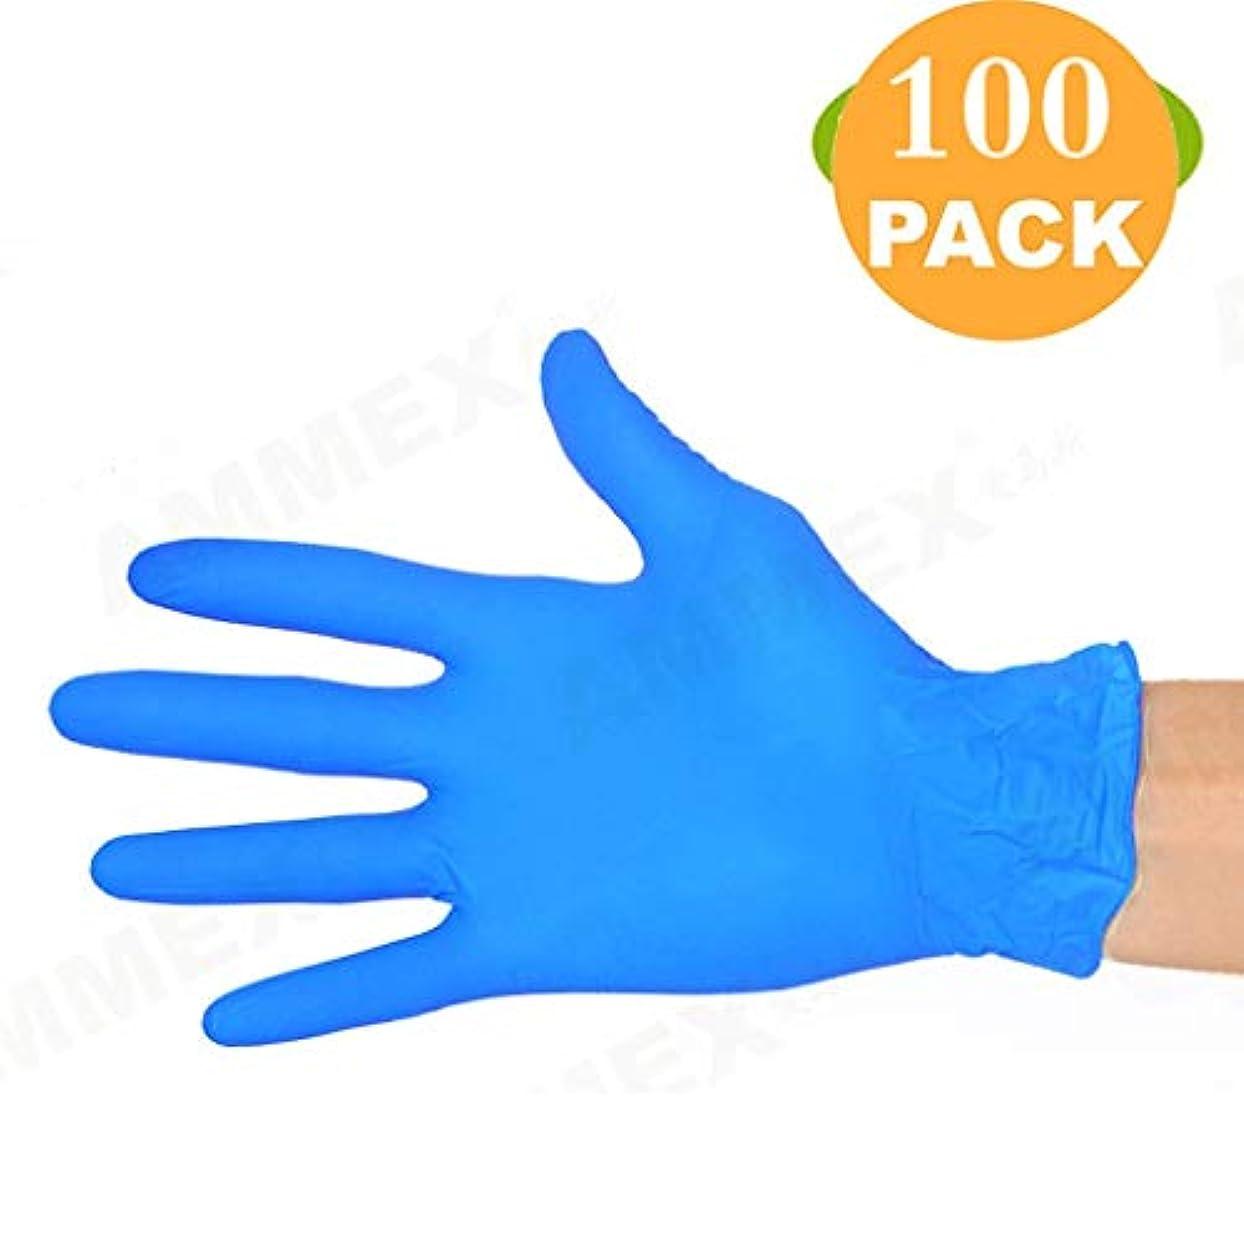 書き込み統計七時半9インチニトリル手袋100のラテックスゴム手袋の家事洗濯プラスチックの薄いキッチンボックス (Size : M)